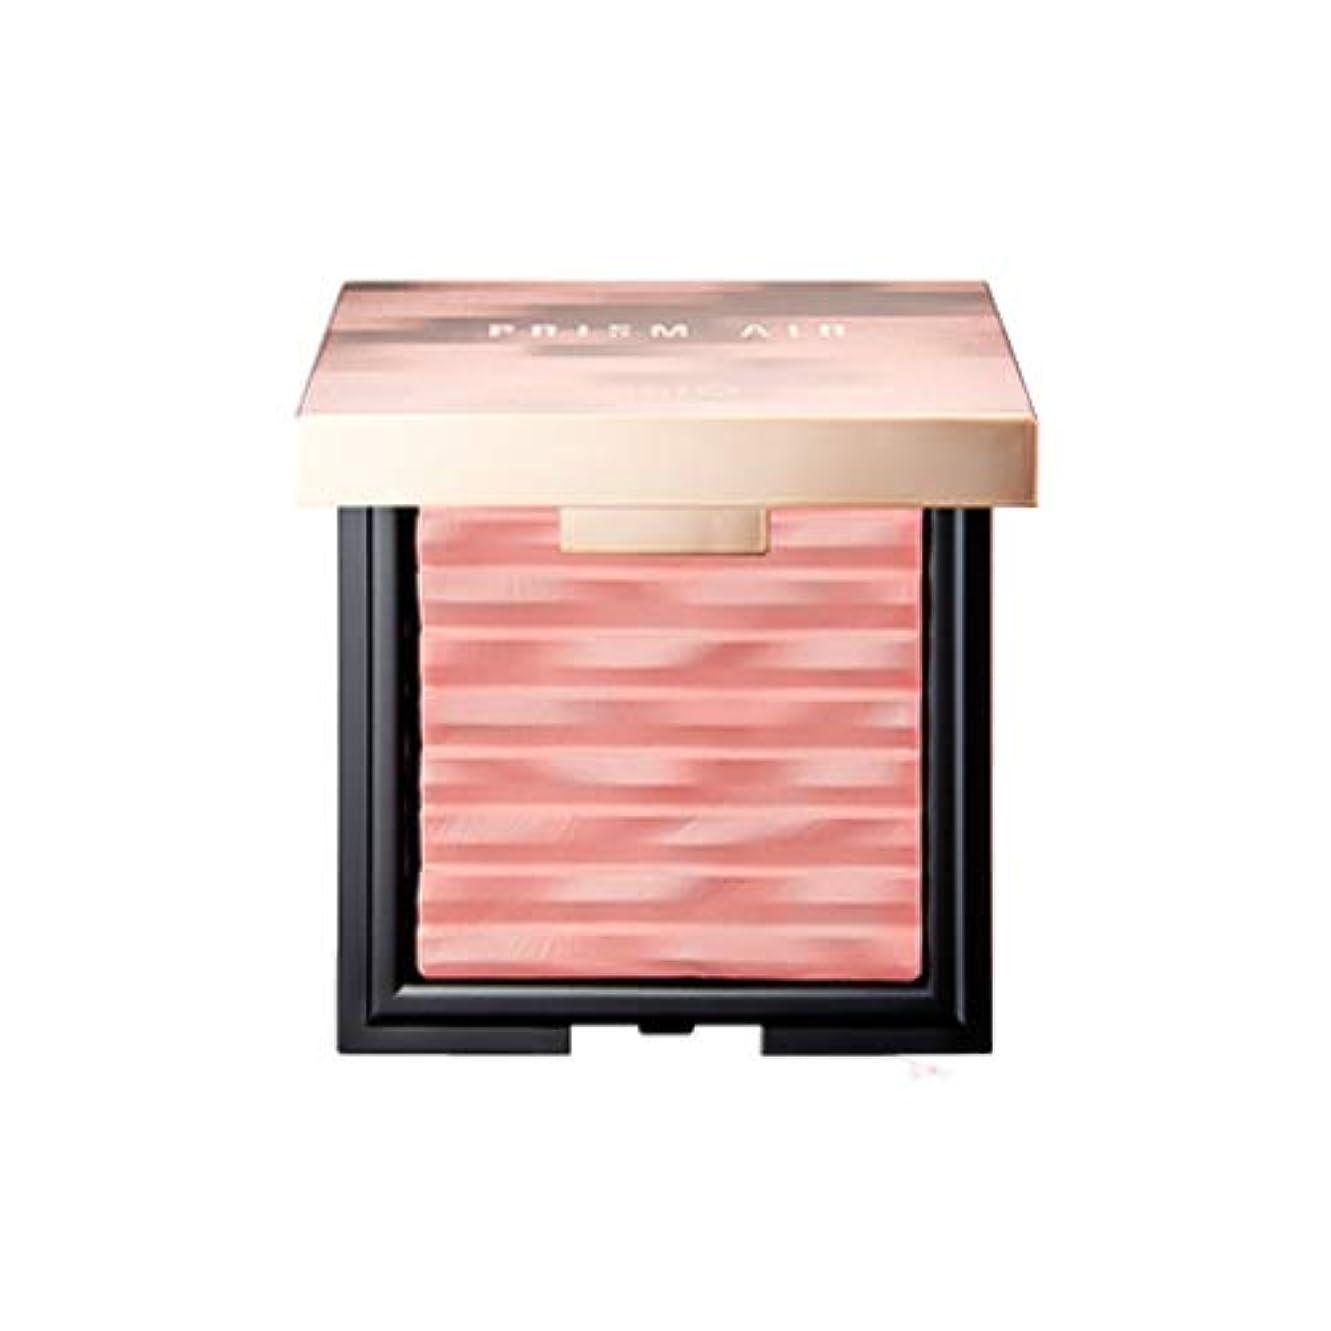 境界評価プロポーショナルClio Prism Air Blusher クリオプリズムエアブラッシャー (#01 Muted Pink) 並行輸入品 [並行輸入品]